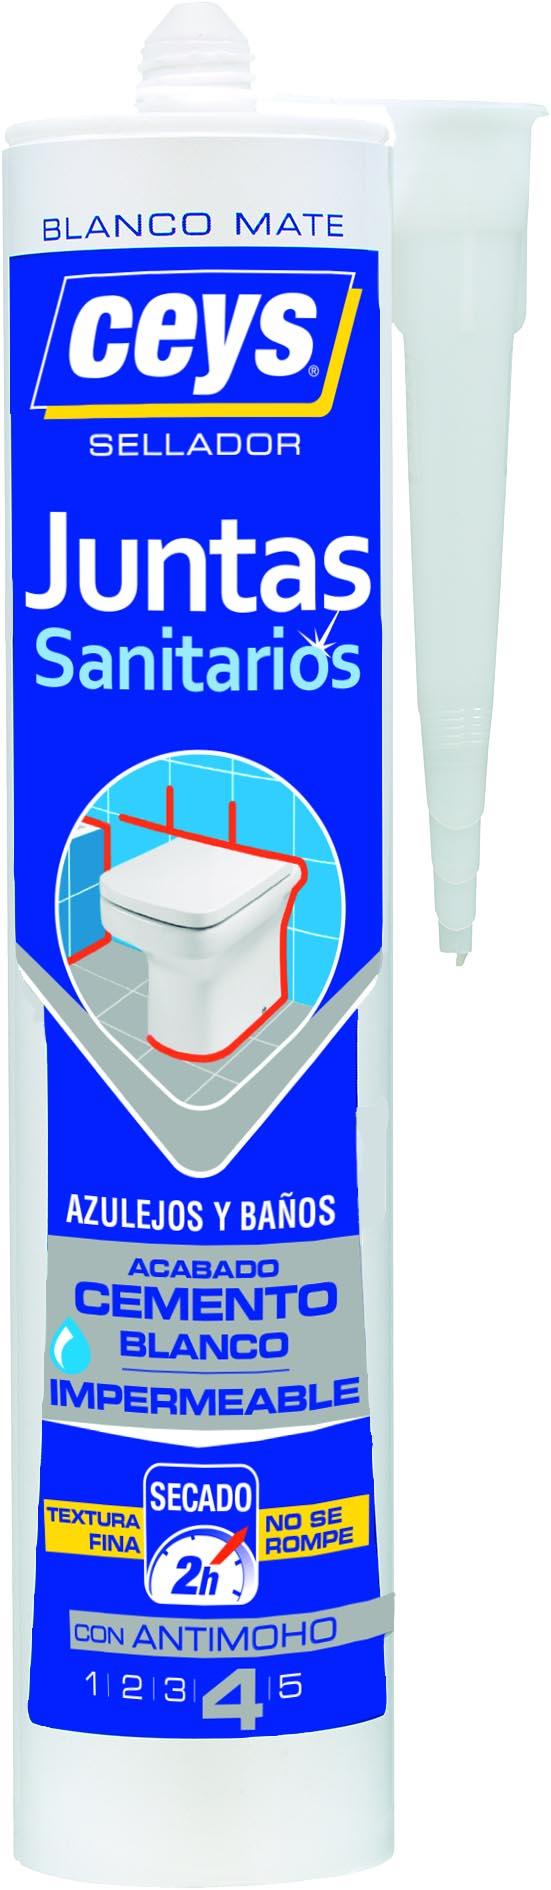 Sellador juntas sanitarios ceys - Limpiar juntas azulejos ducha ...